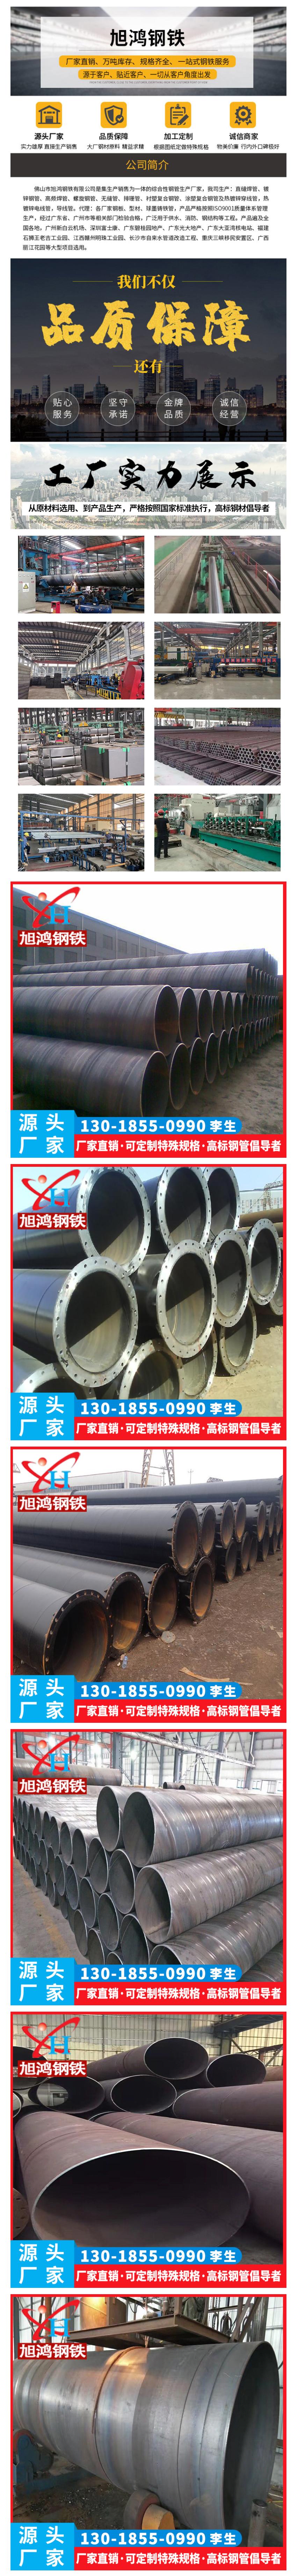 厂家定制大口径预埋圆管 双面埋弧焊接钢管 q235b 现货埋铁圆管-阿里巴巴.png